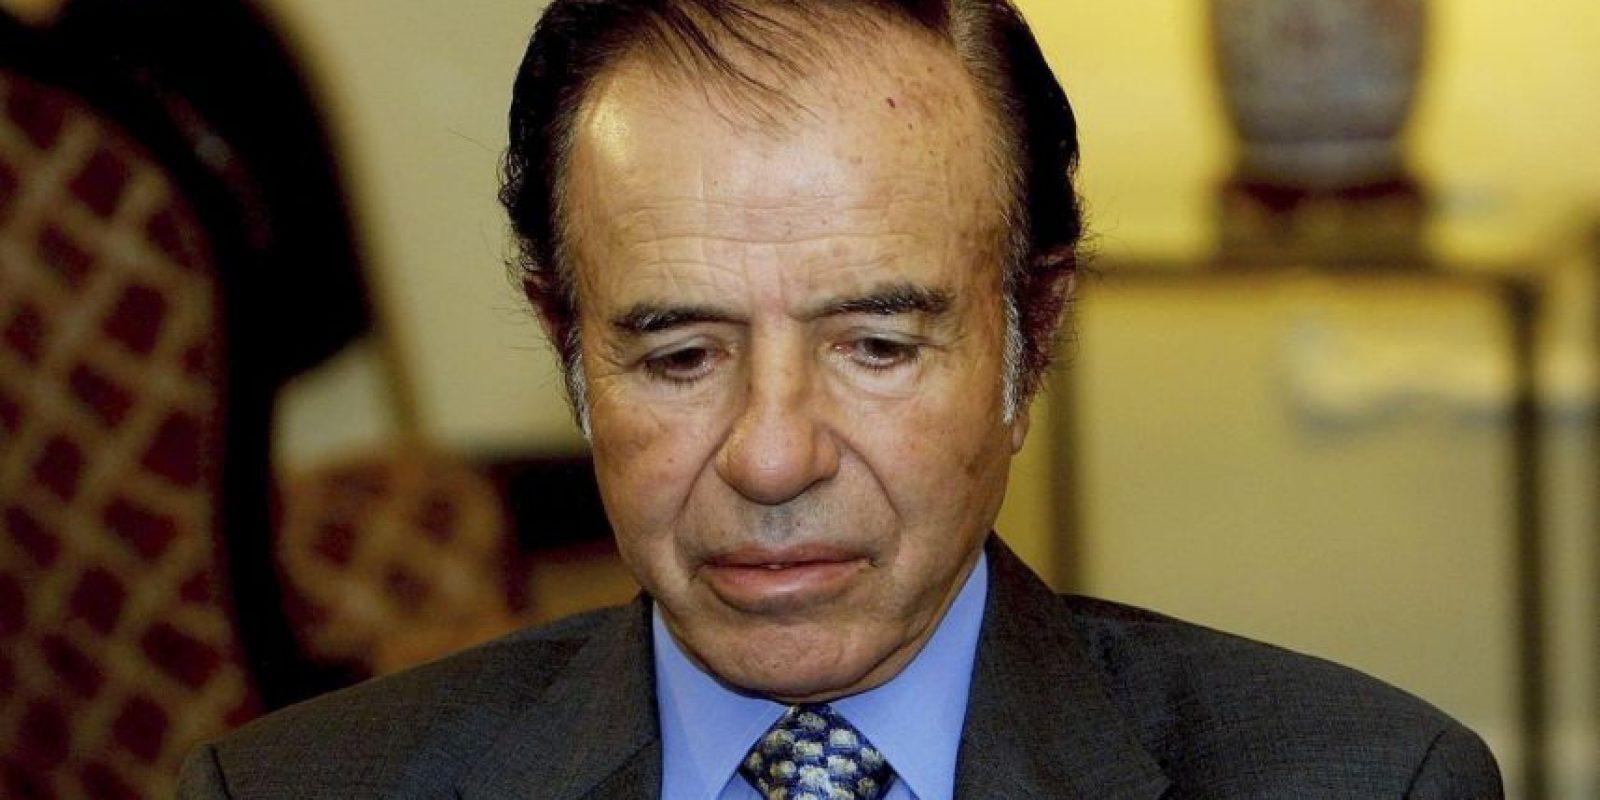 Sucedió en el poder a Raúl Alfonsín. Fue la primera sucesión presidencial desde 1928 y la primera de dos presidentes de diferentes partidos desde 1916 Foto:Getty Images